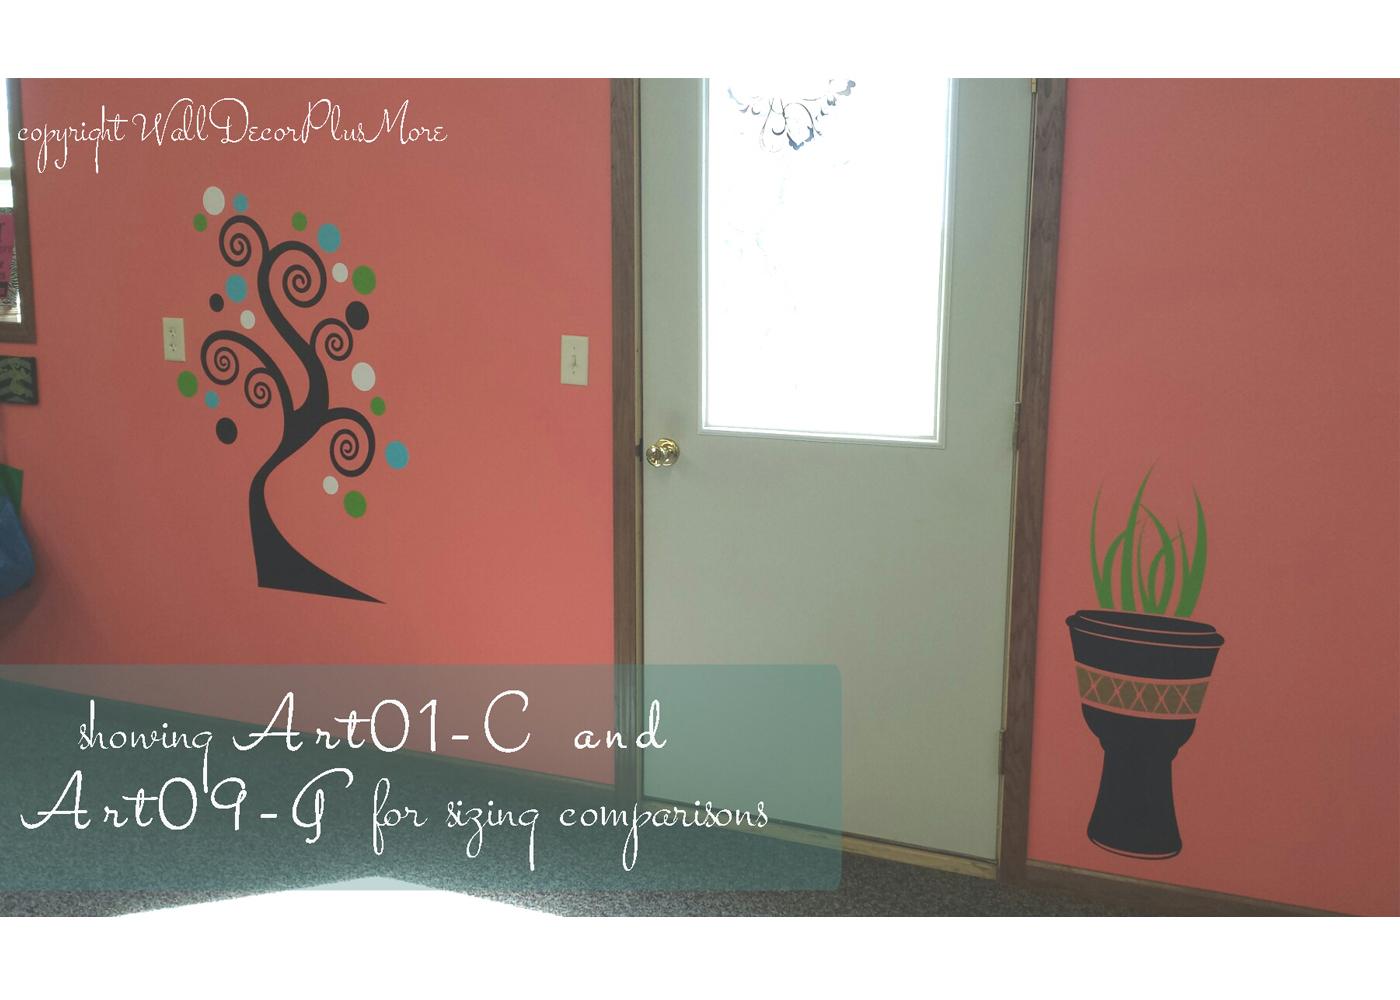 art09-g-and-art01-c-wall-art-decal-sticker.jpg